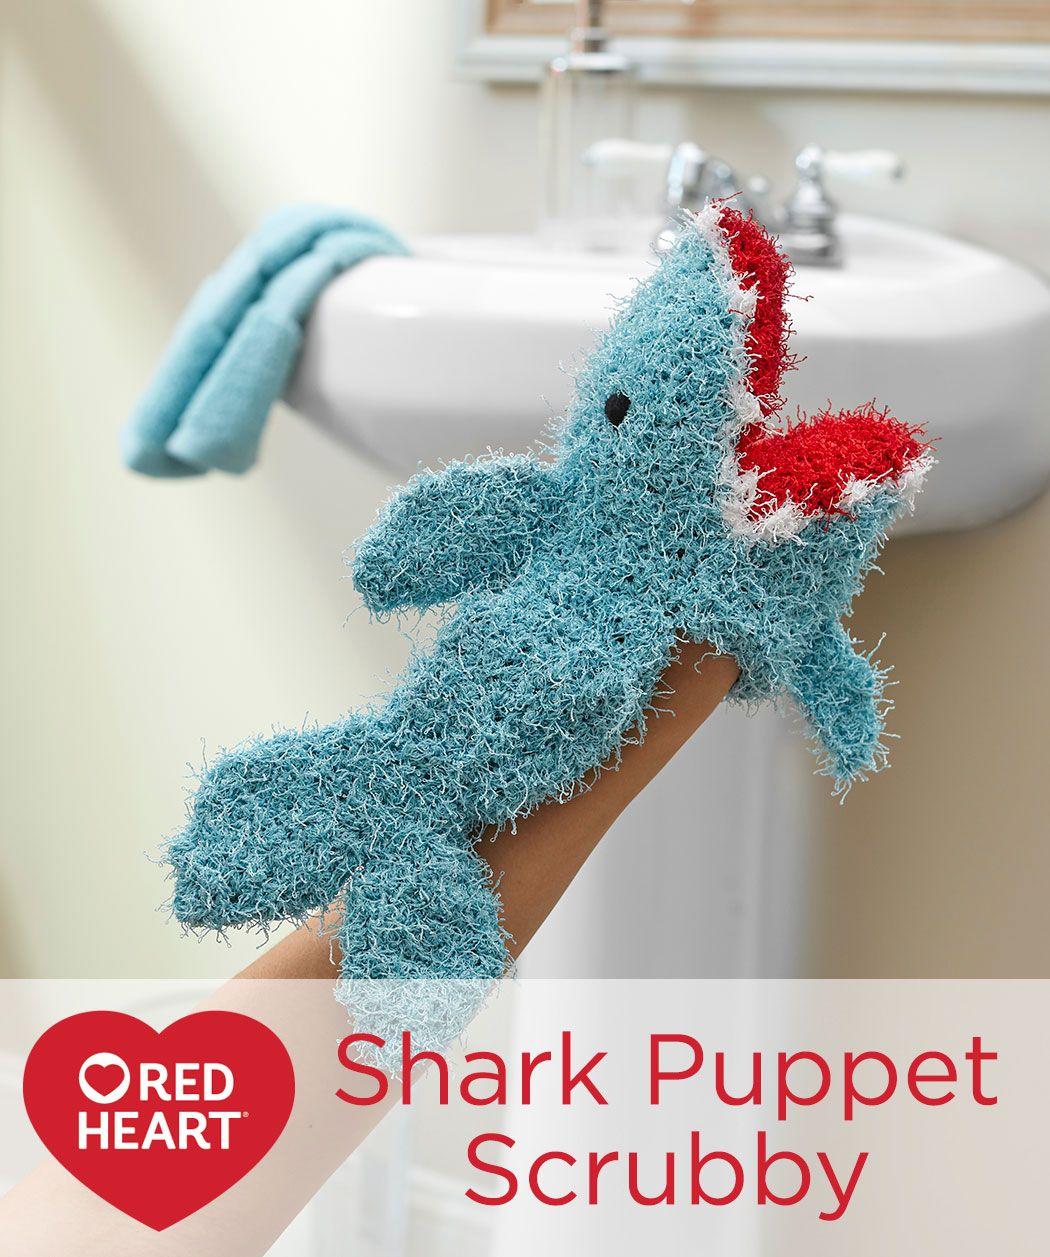 Shark Puppet Scrubby Free Crochet Pattern in Red Heart Yarns - Make ...